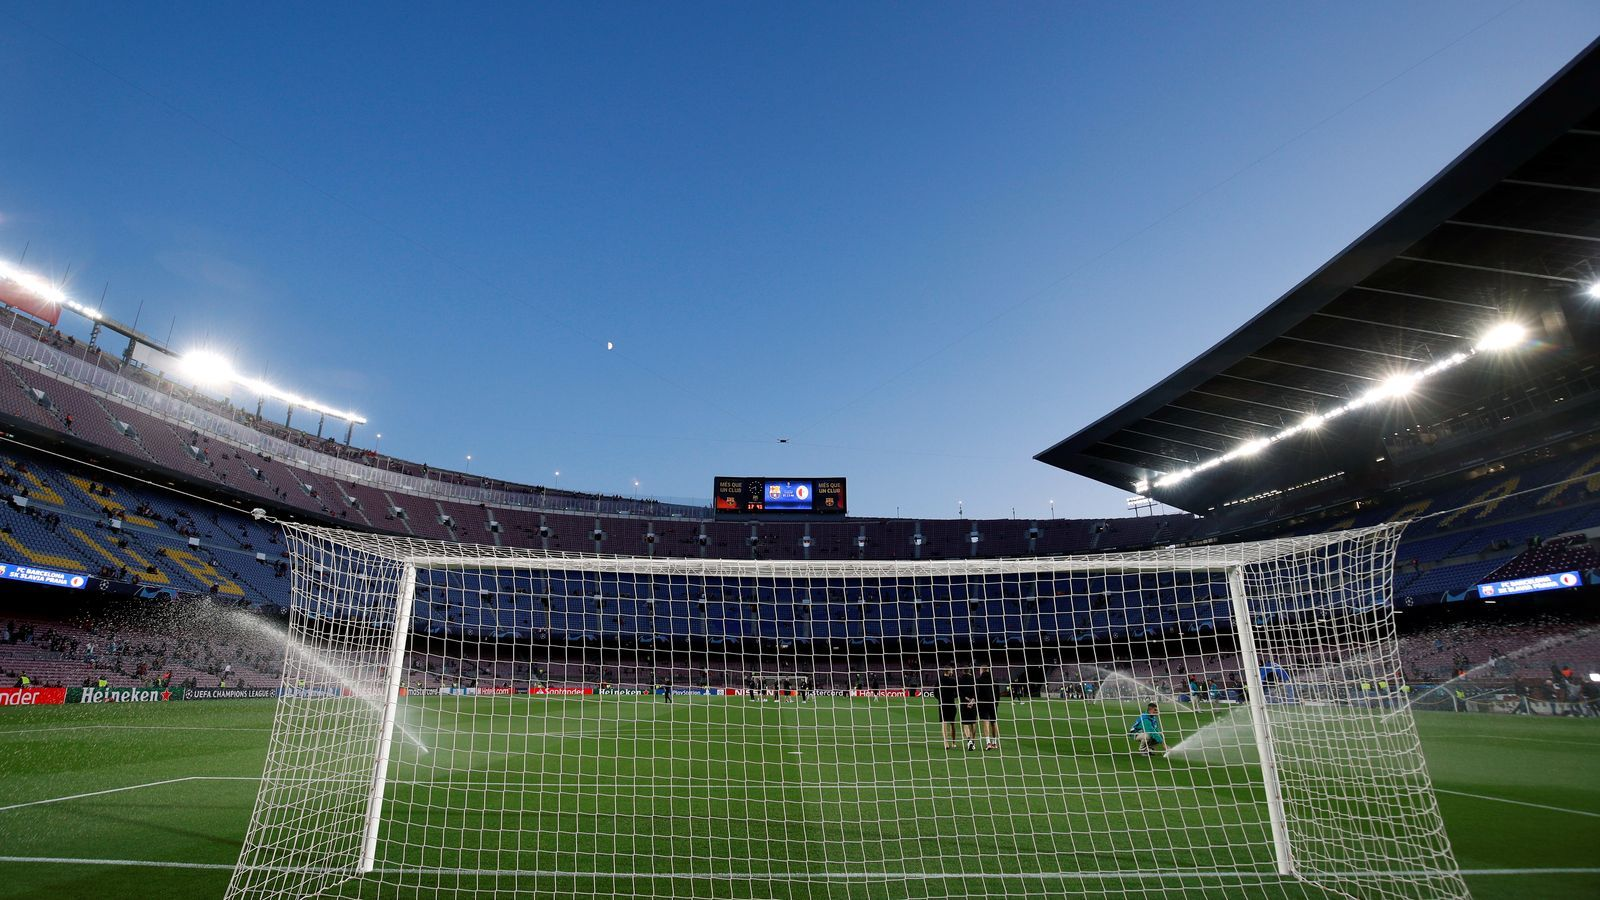 La policia es planteja crear un cordó de seguretat que permeti l'arribada dels jugadors al Camp Nou el dia del clàssic